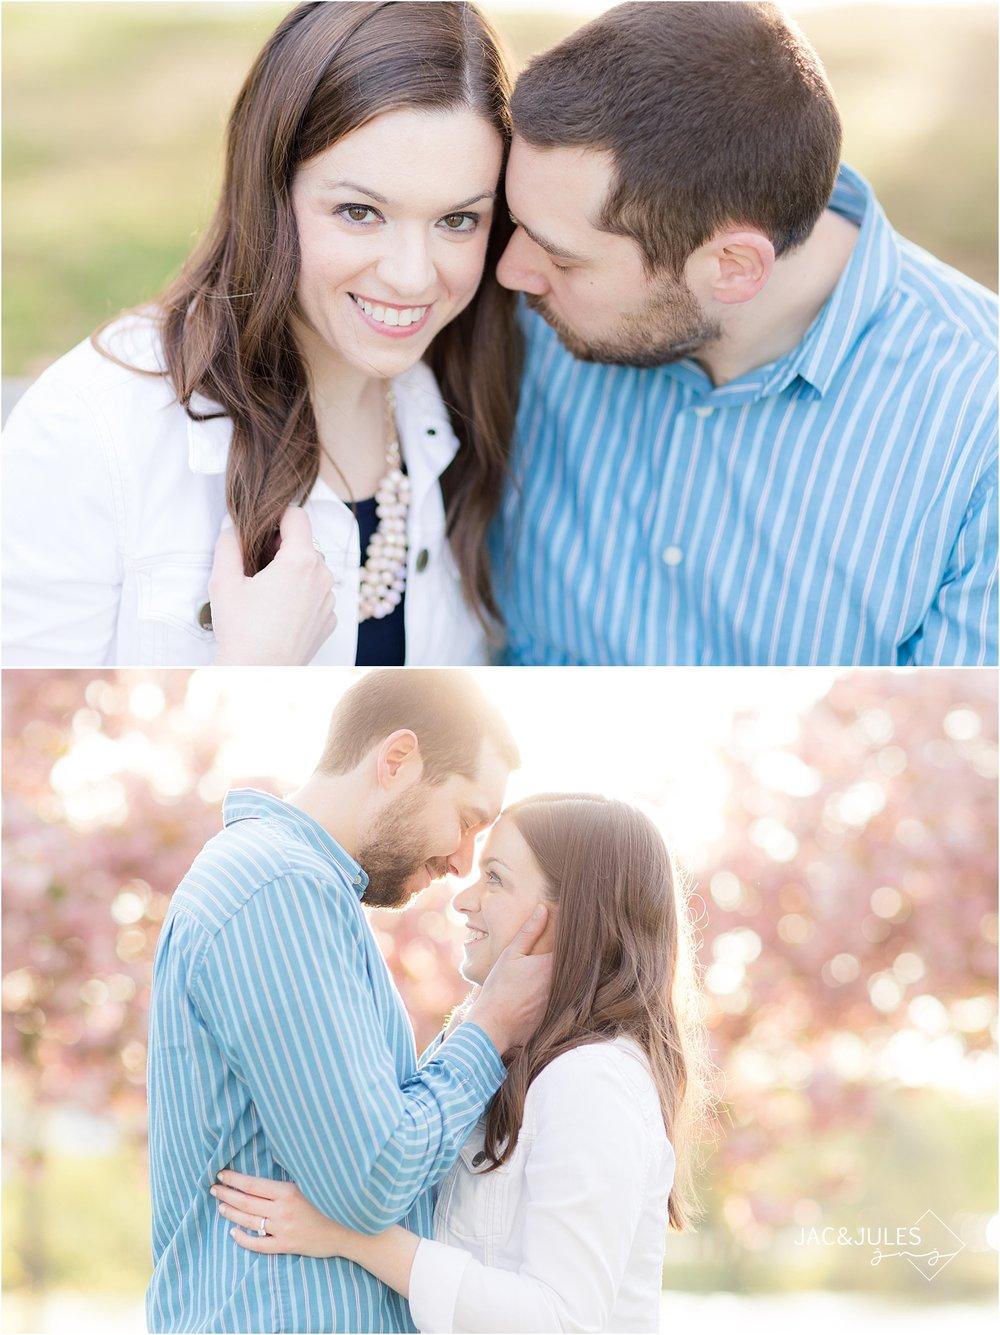 romantic engagement portraits at divine park with cherry blossoms